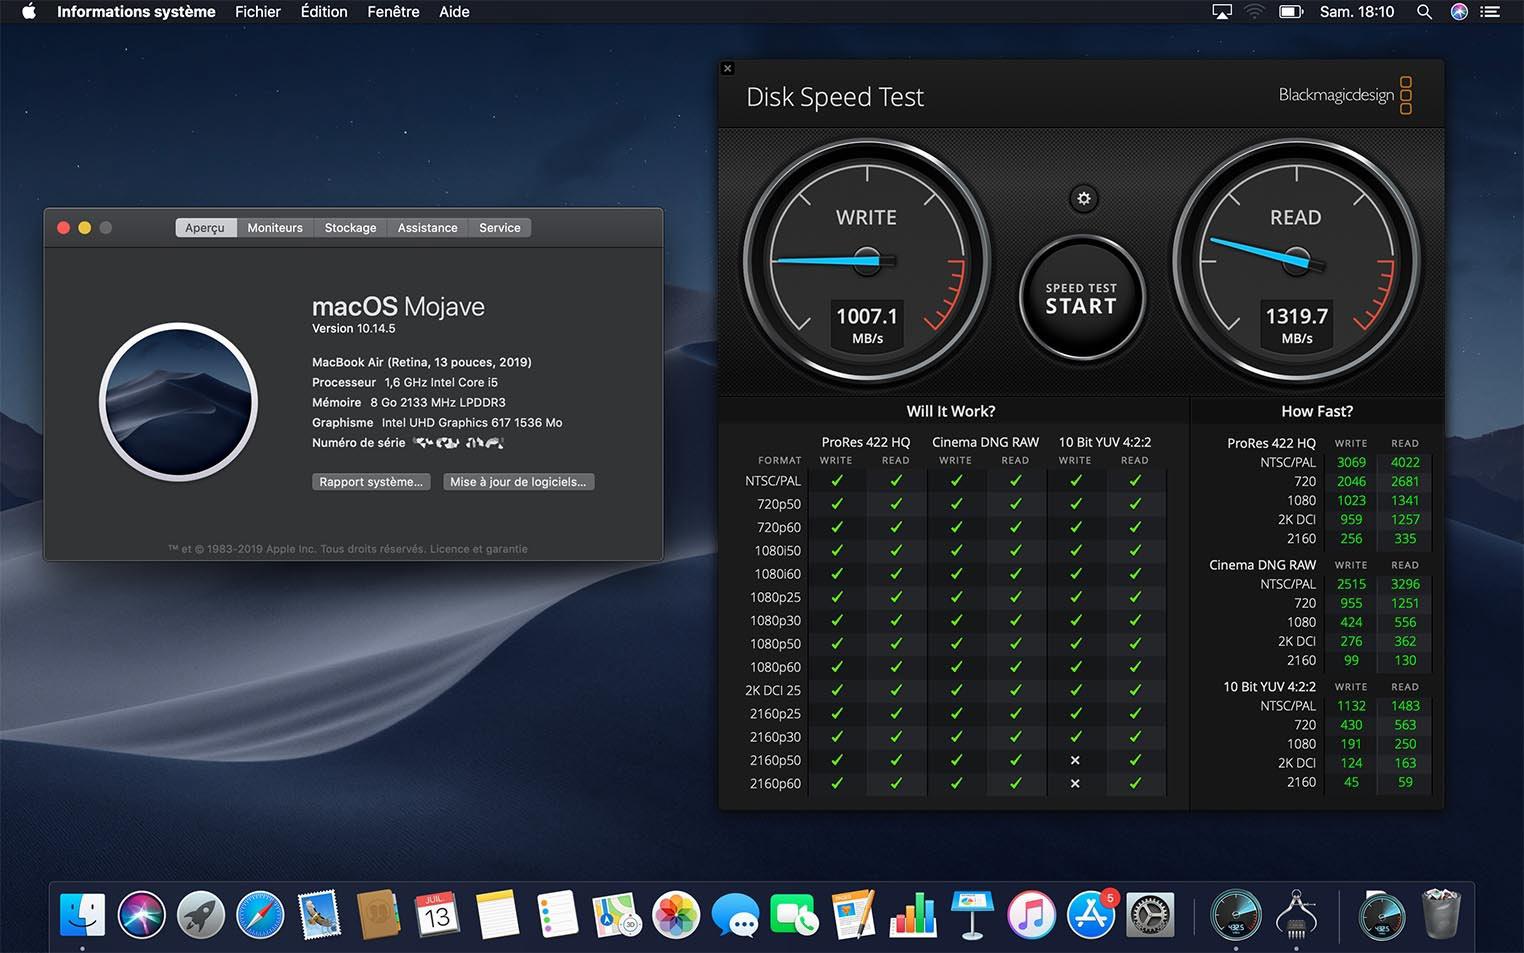 MacBook-Air-image-2